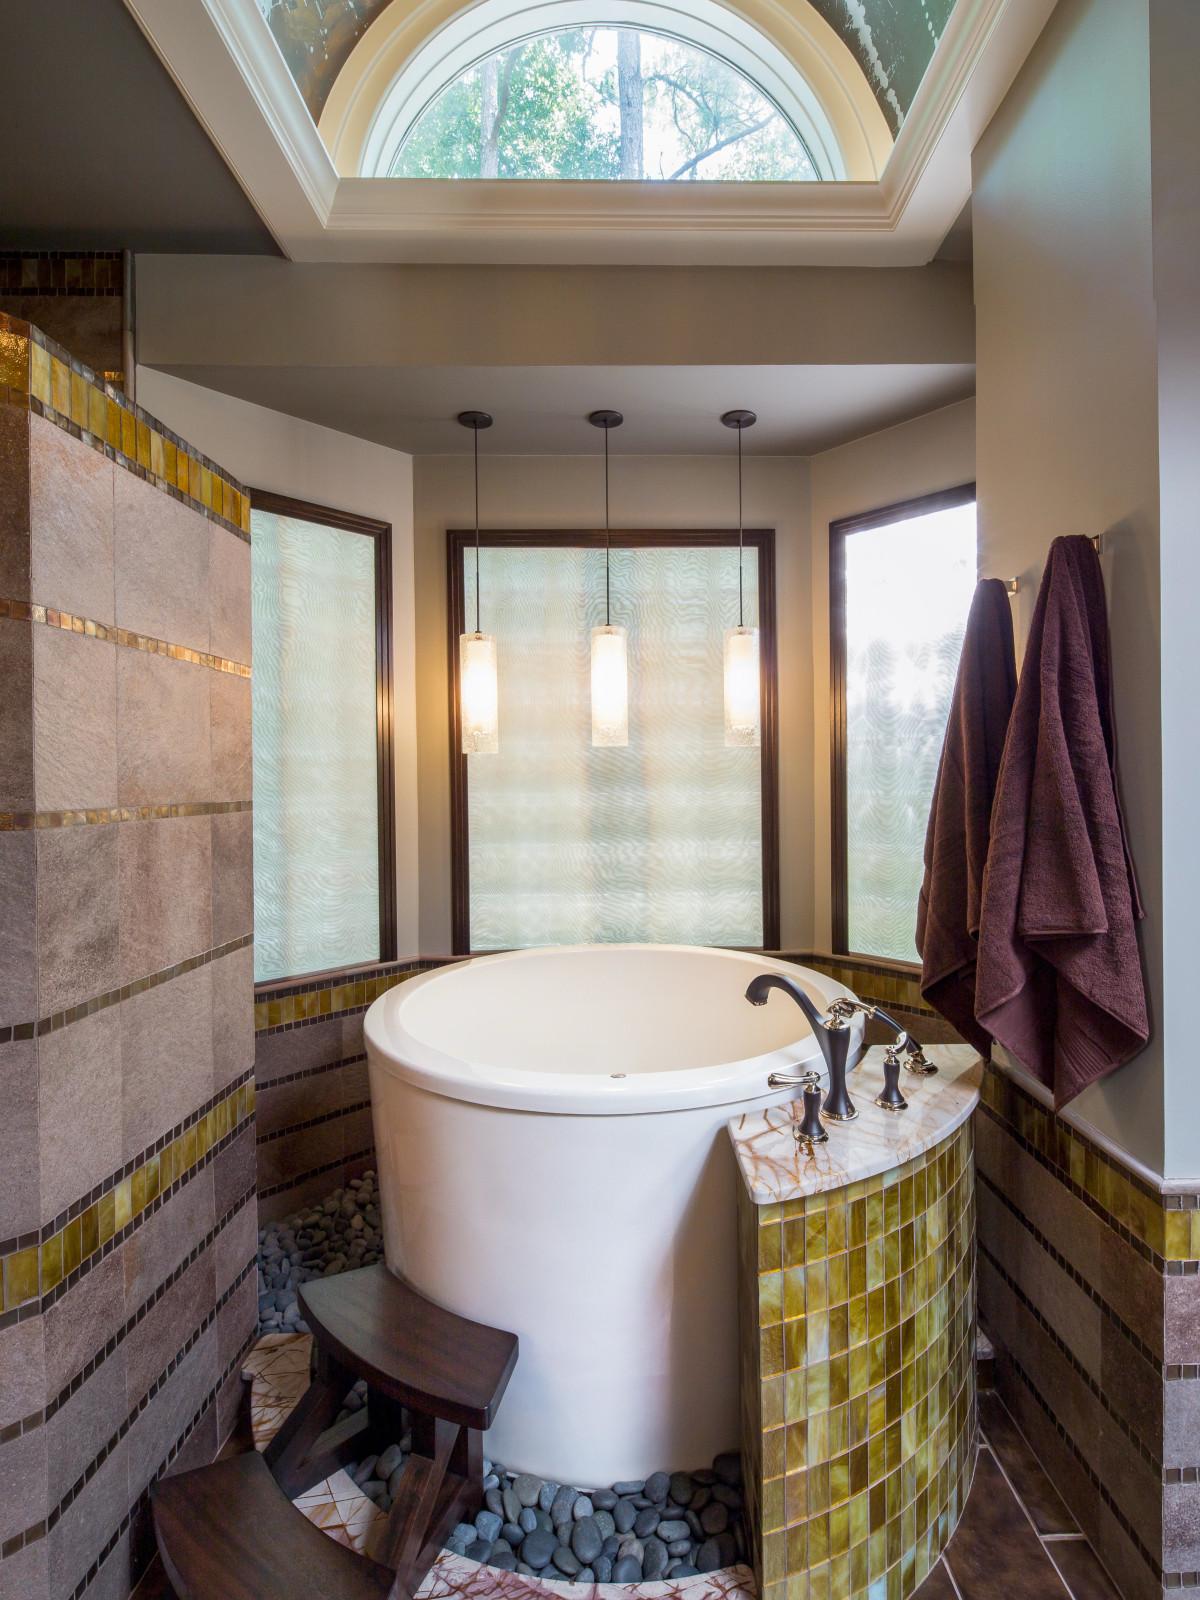 Porch.com By Design Interiors bathroom